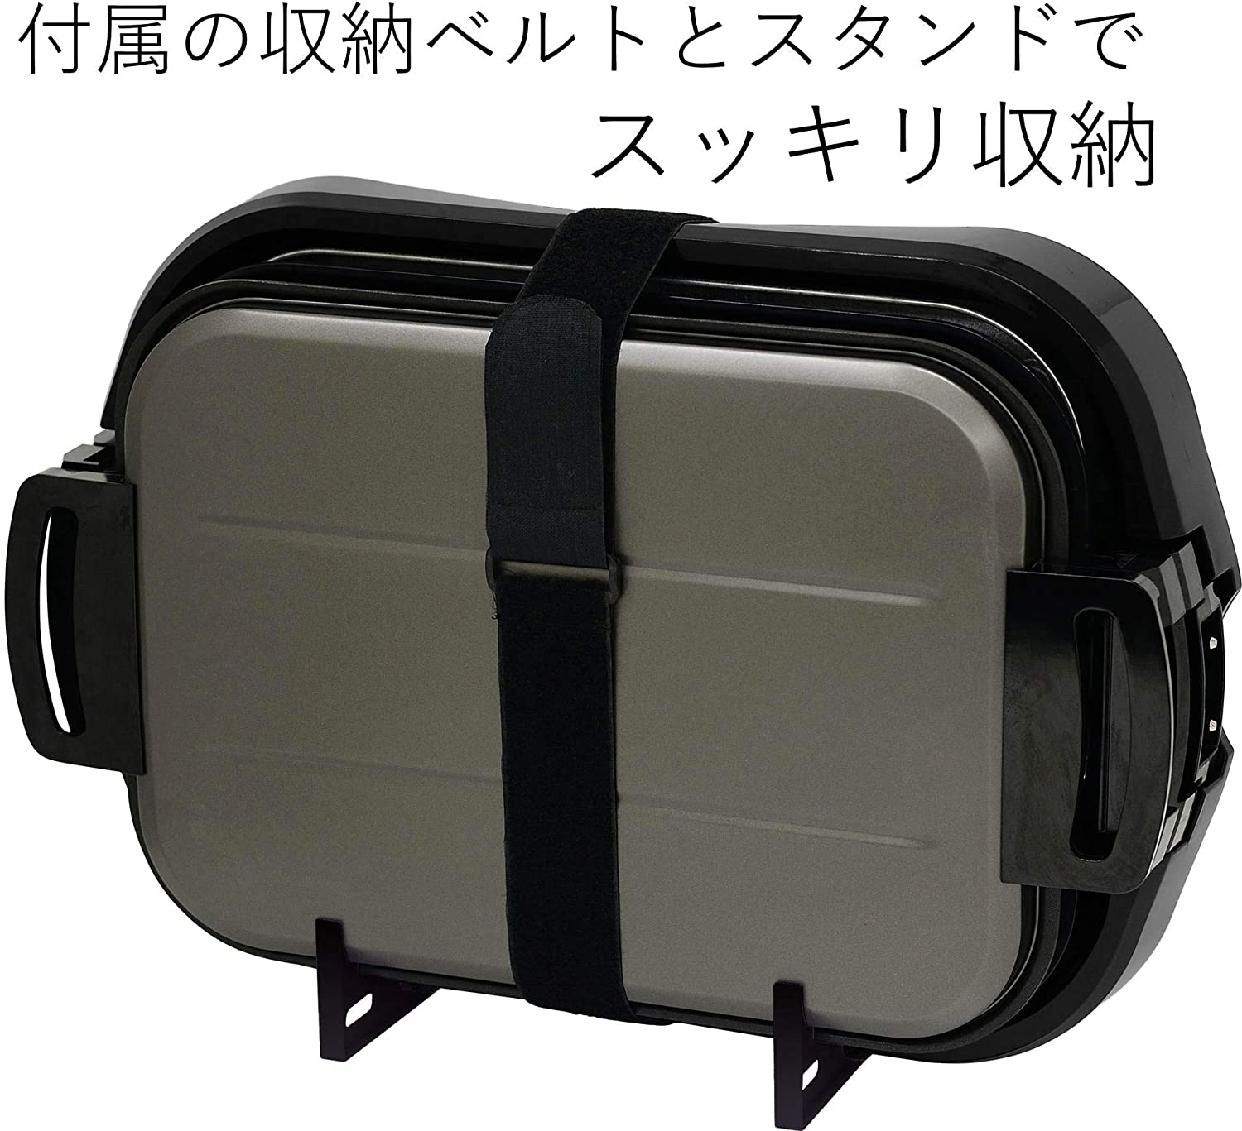 山善(YAMAZEN) ホットプレート YHF-W1301の商品画像6